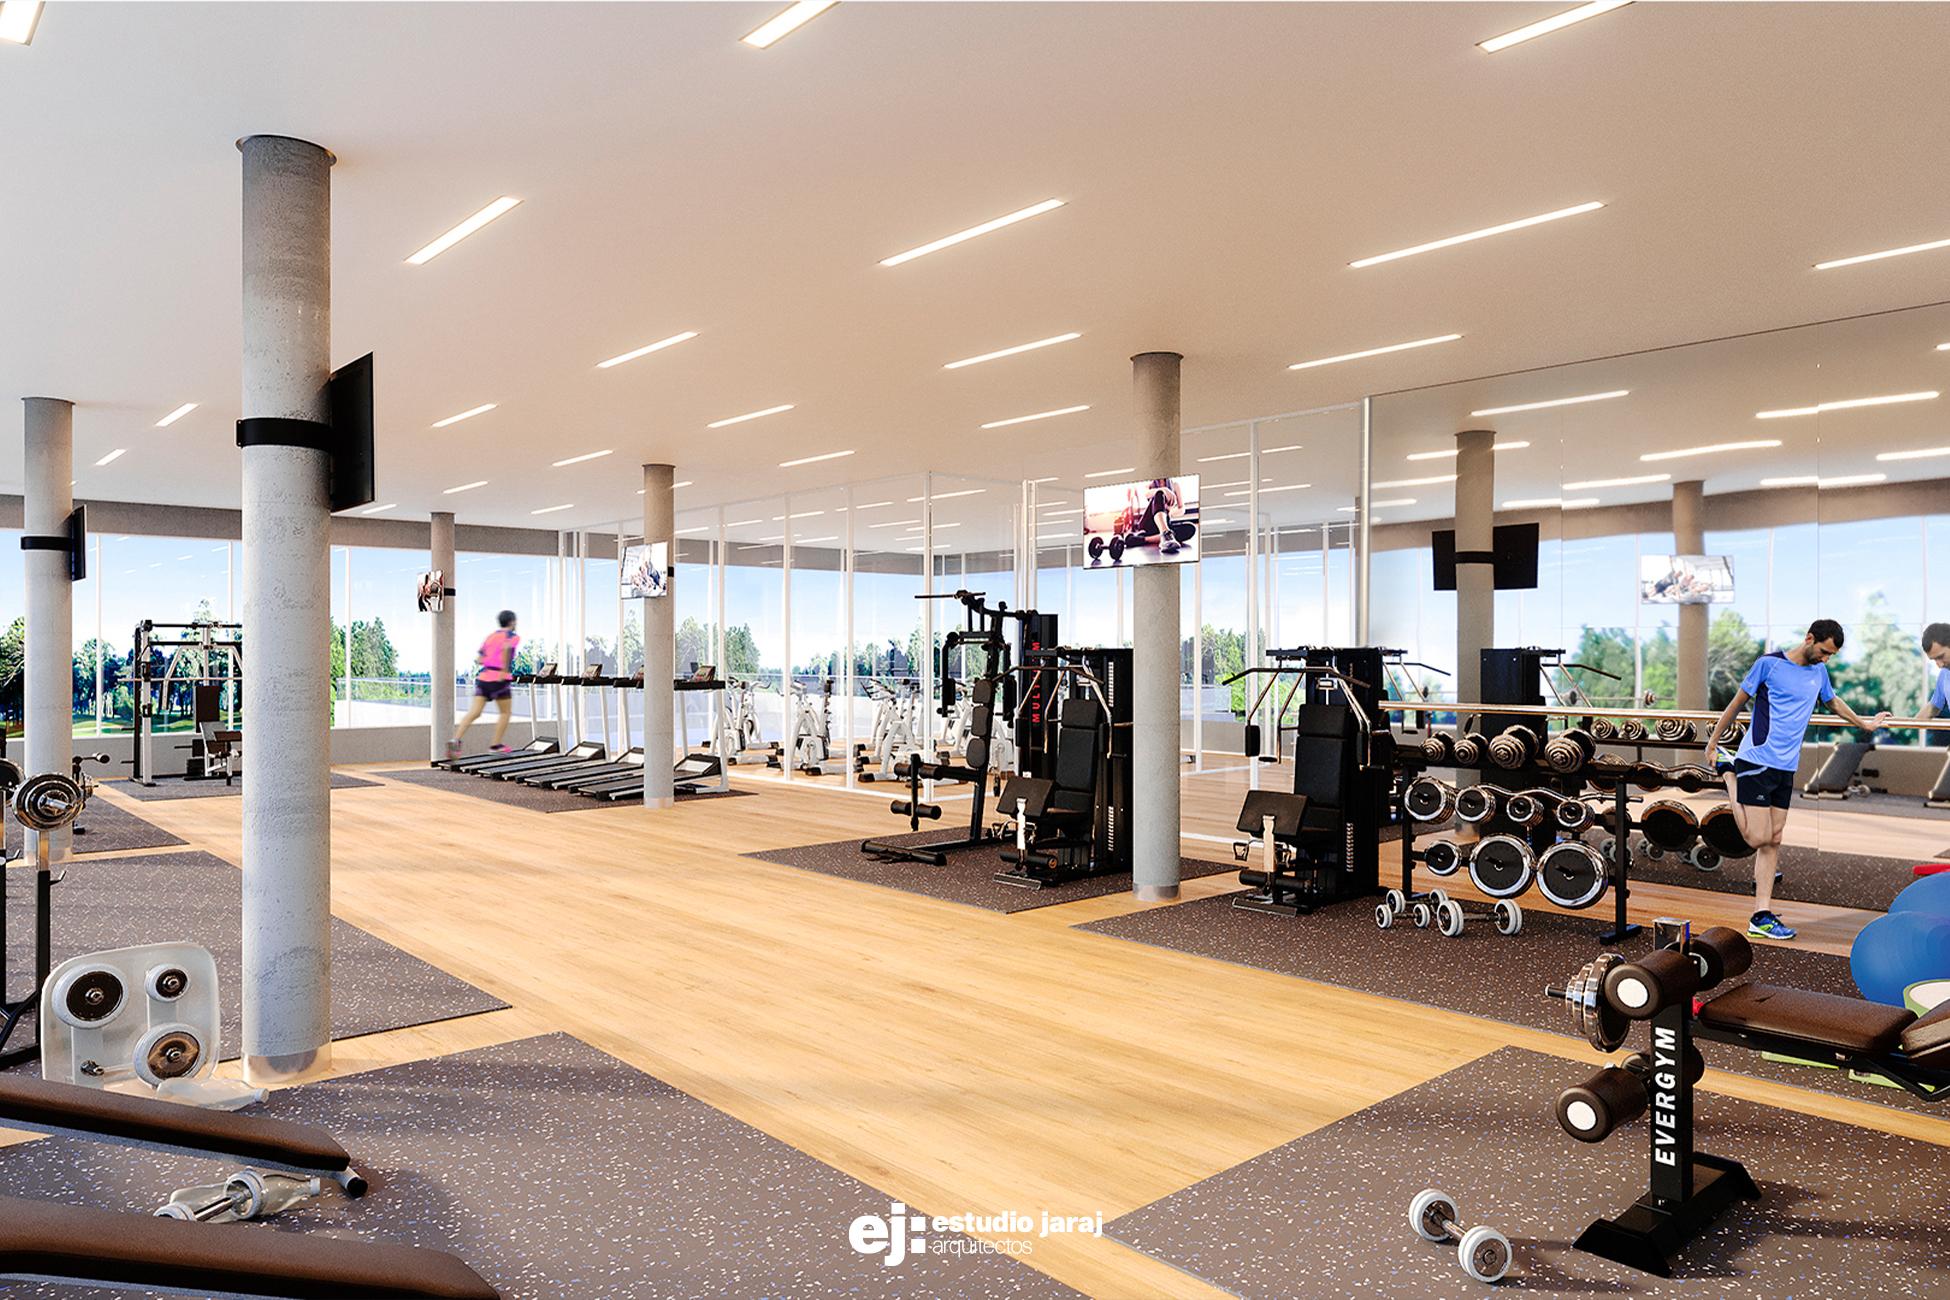 Vista del interior del gimnasio